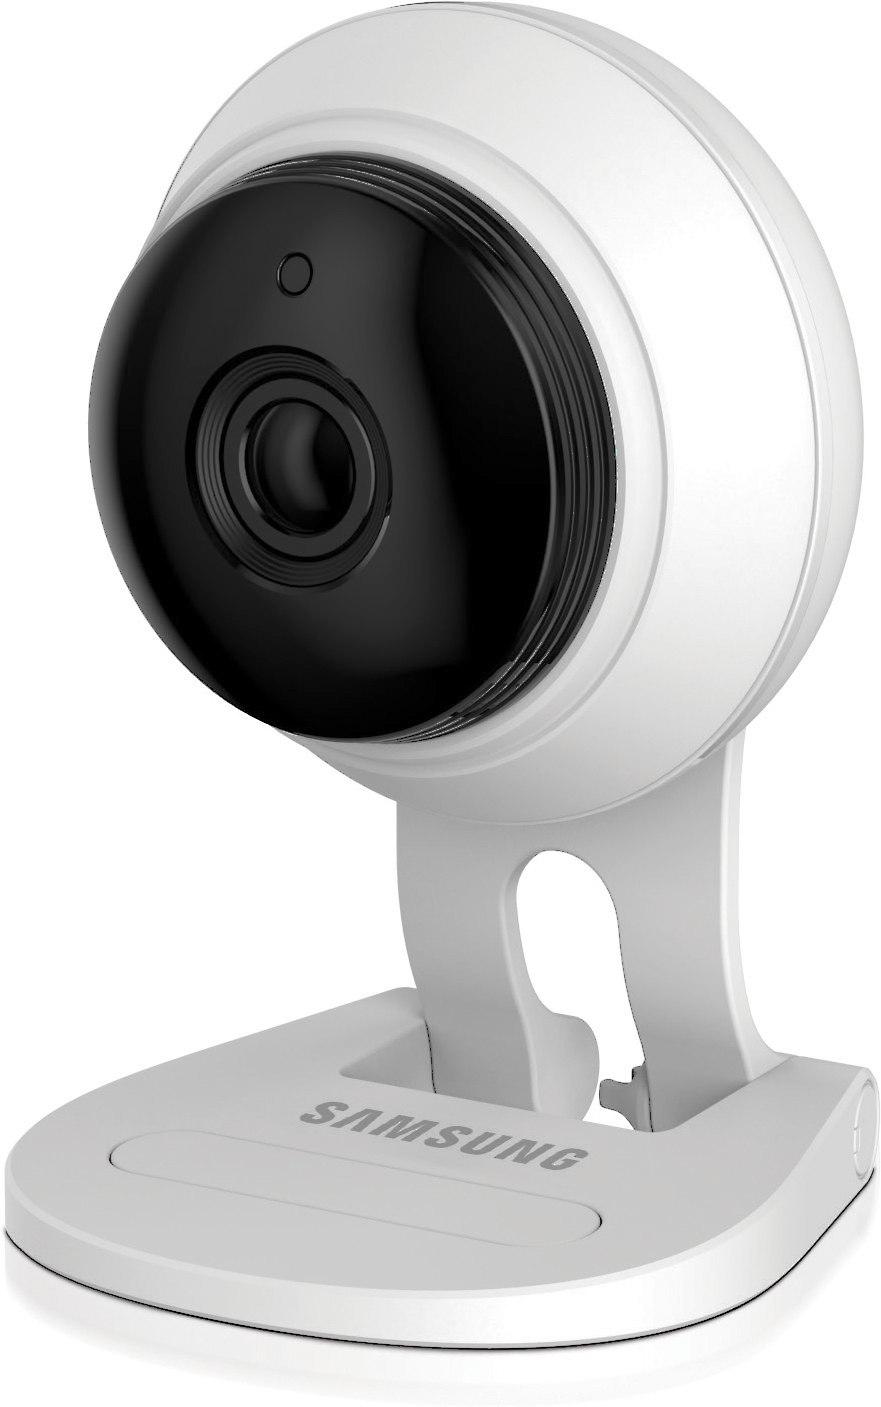 Samsung SNH-C6417BN Wireless SmartCam Indoor HD security